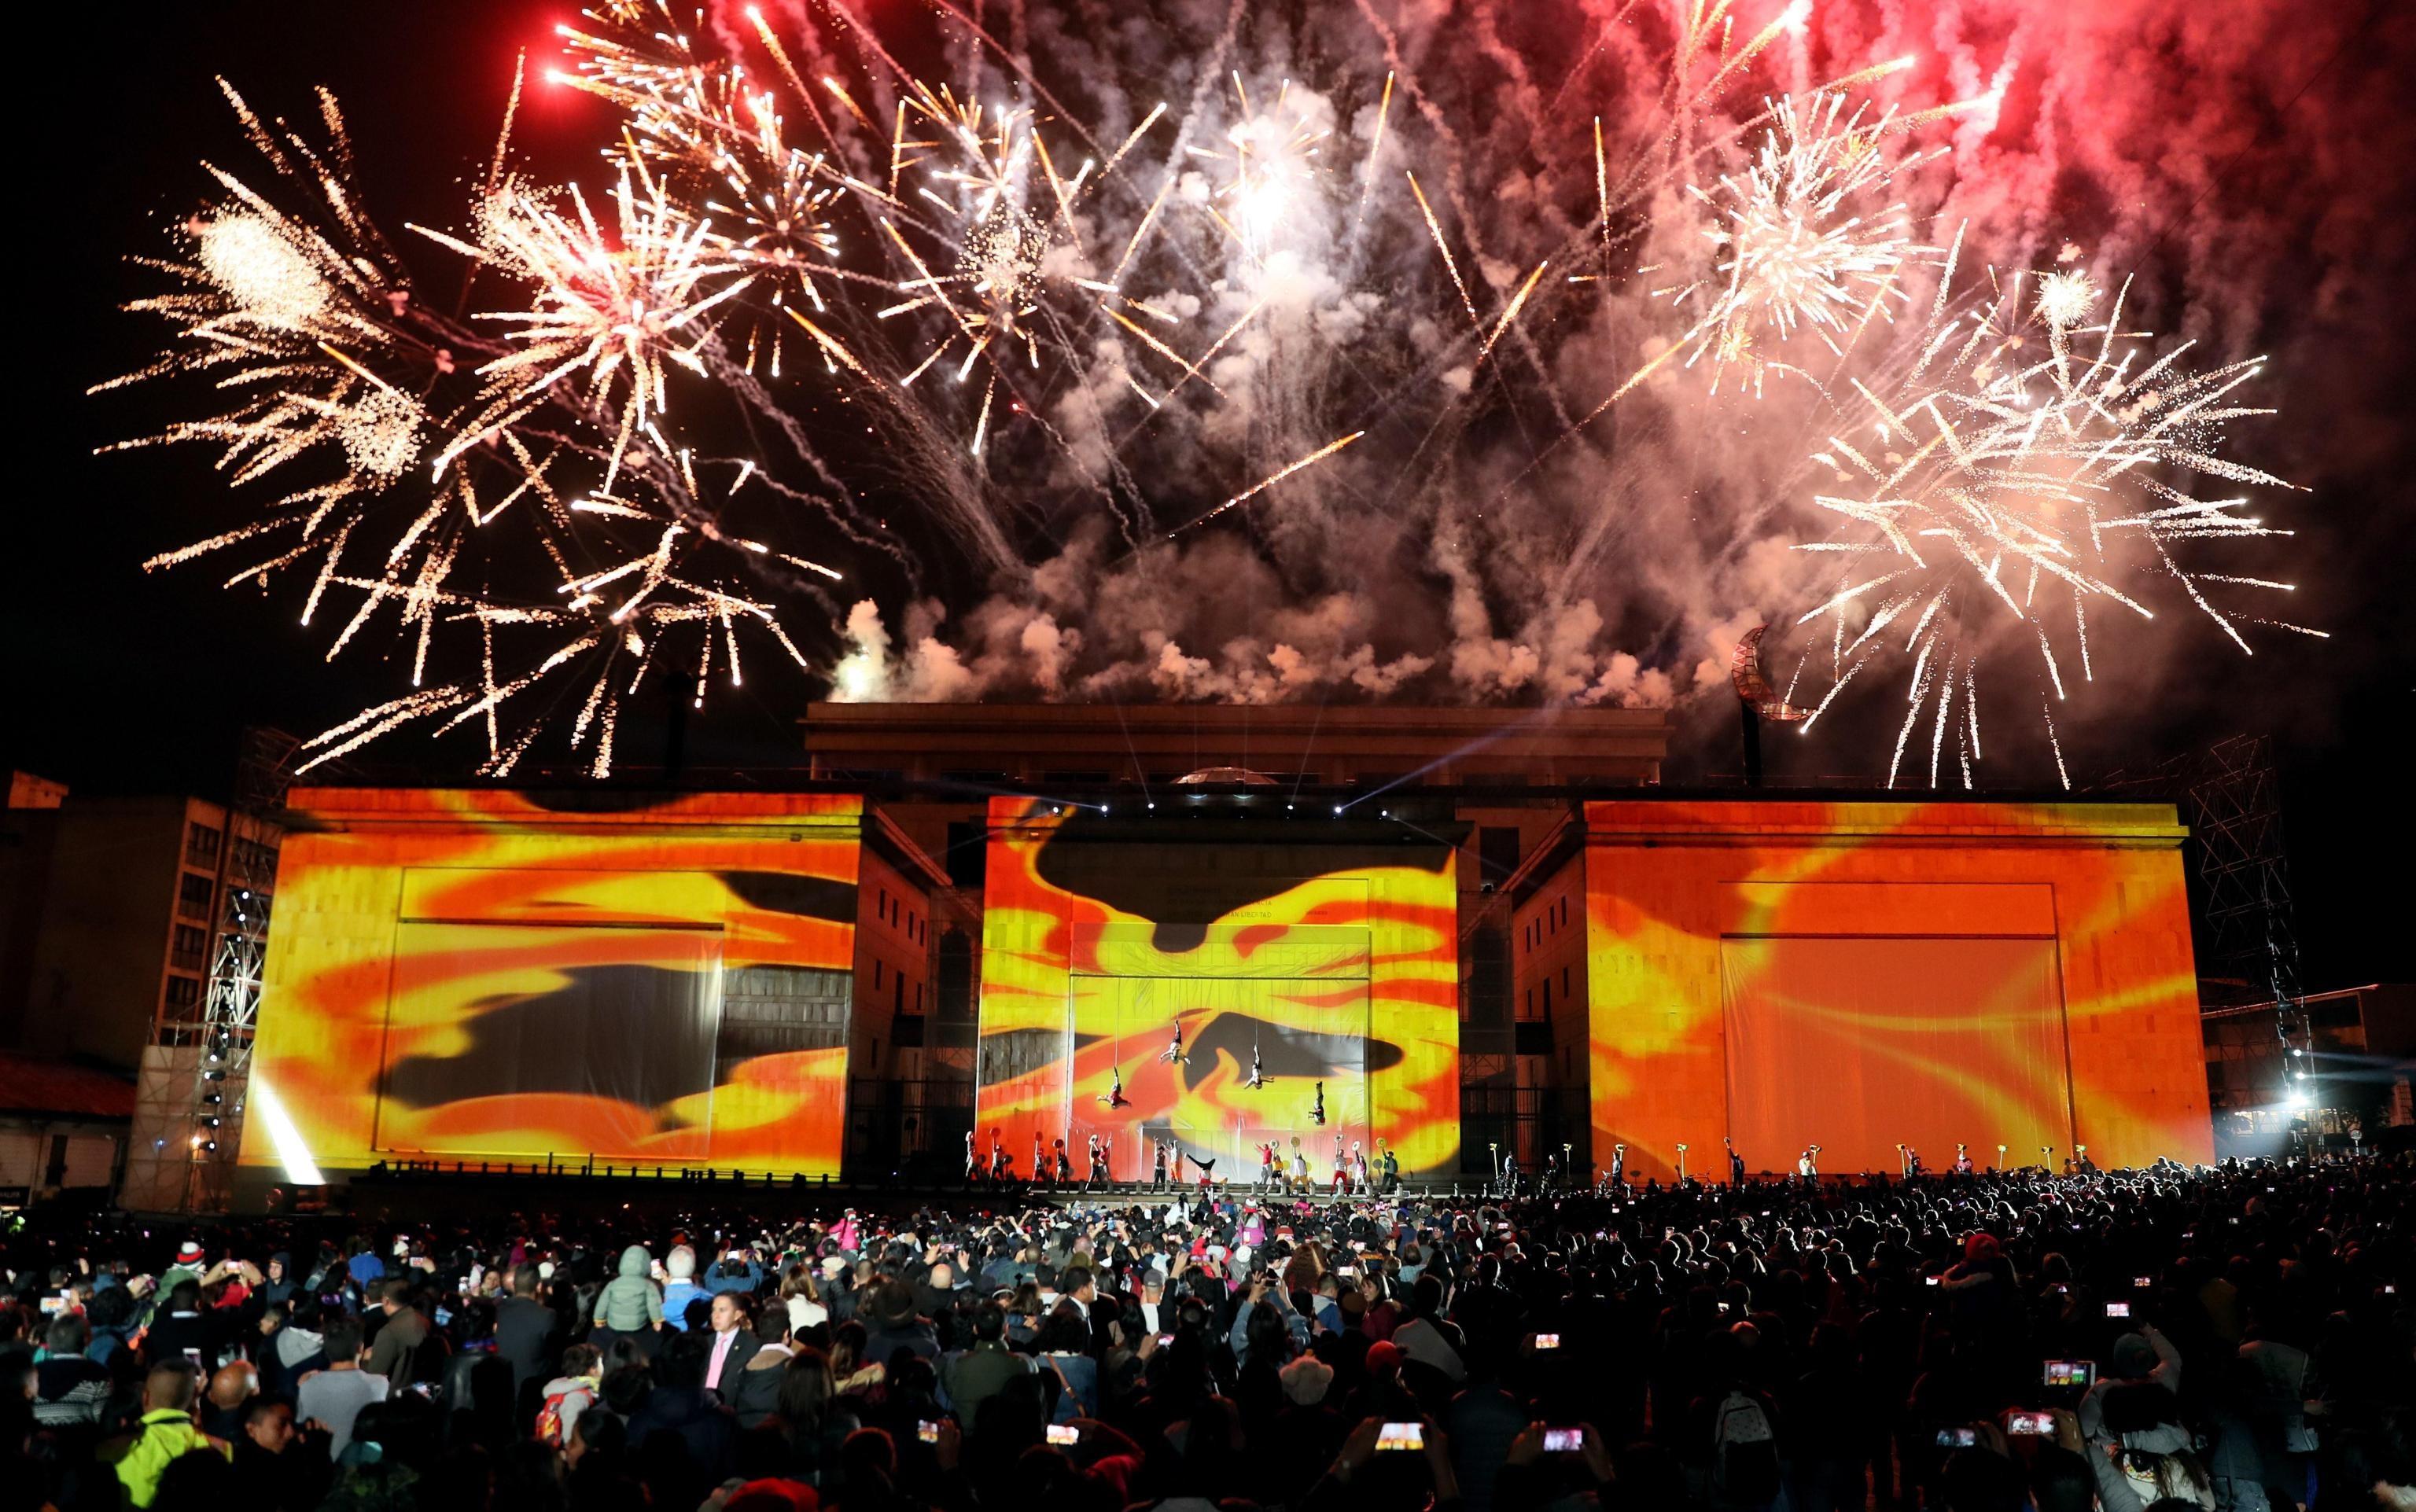 Giochi pirotecnici in Plaza de Bolìvar durante lo spettacolo della compagnia italiana Studio Festi